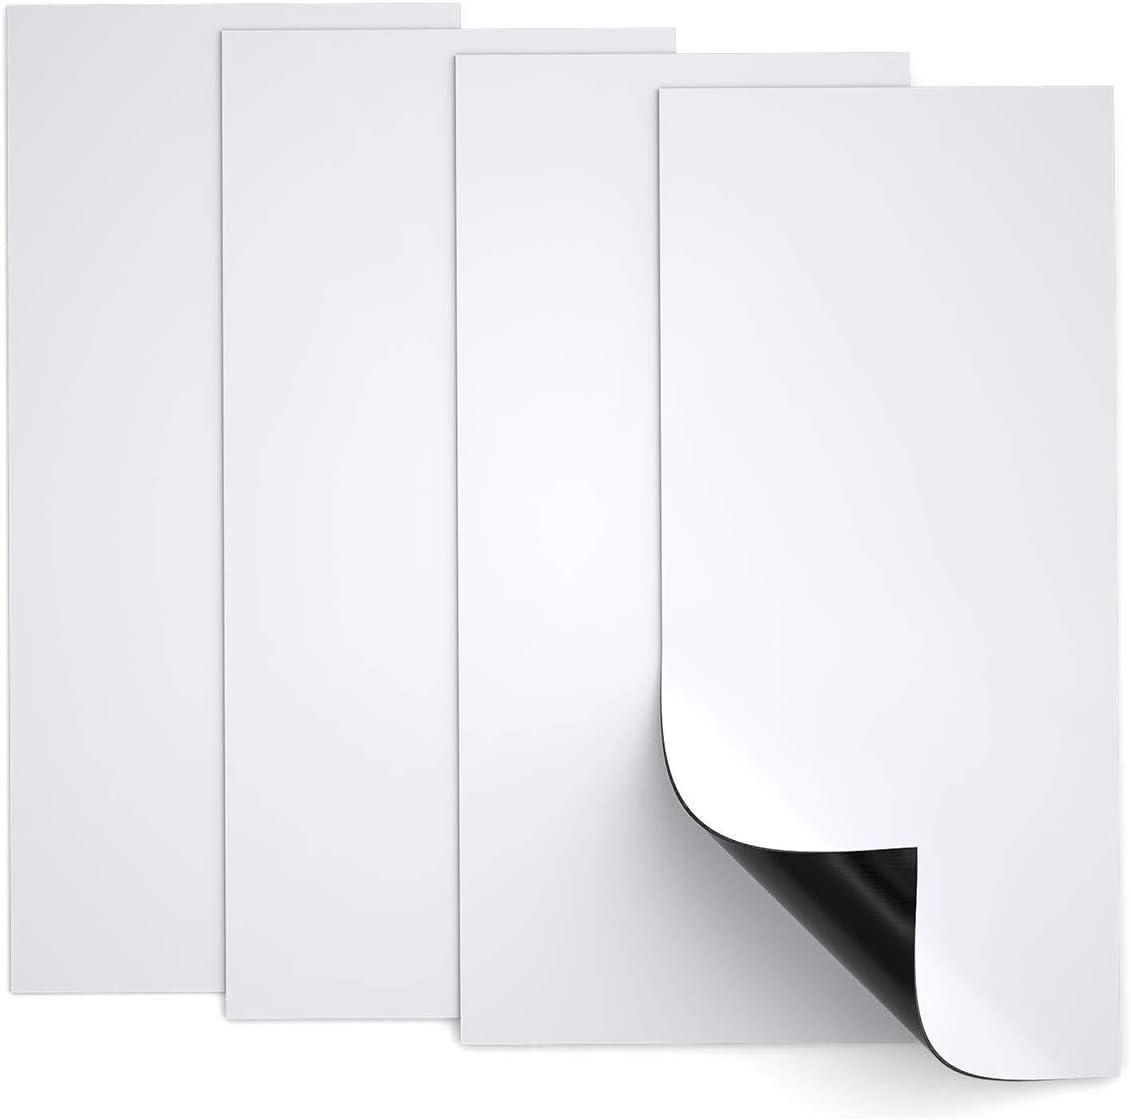 5 X 12 Decoraci/ón de La Cubierta de Ventilaci/ón para Rejillas de Ventilaci/ón de Piso de Registros de Aire Est/ándar Cubierta de Ventilaci/ón Magn/ética 5